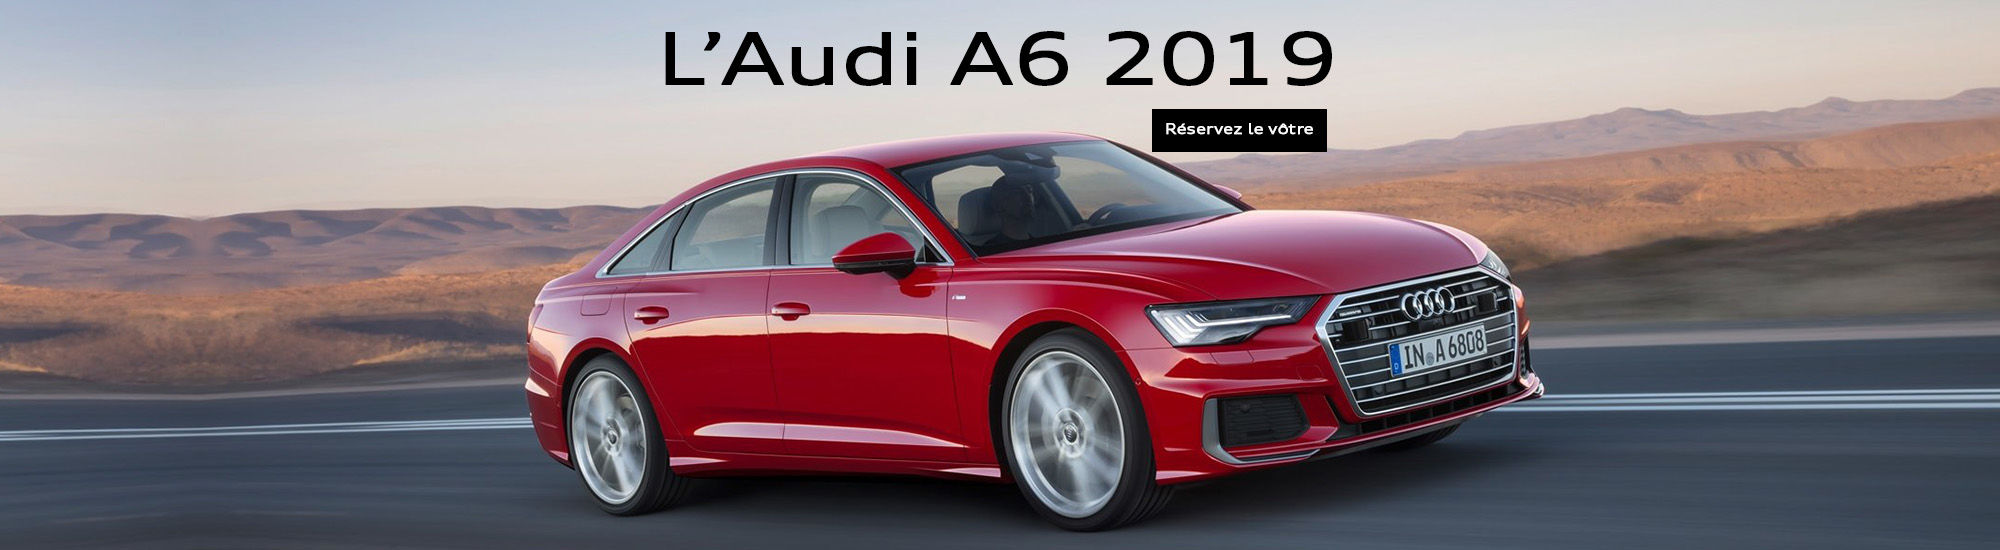 L'Audi A6 2019